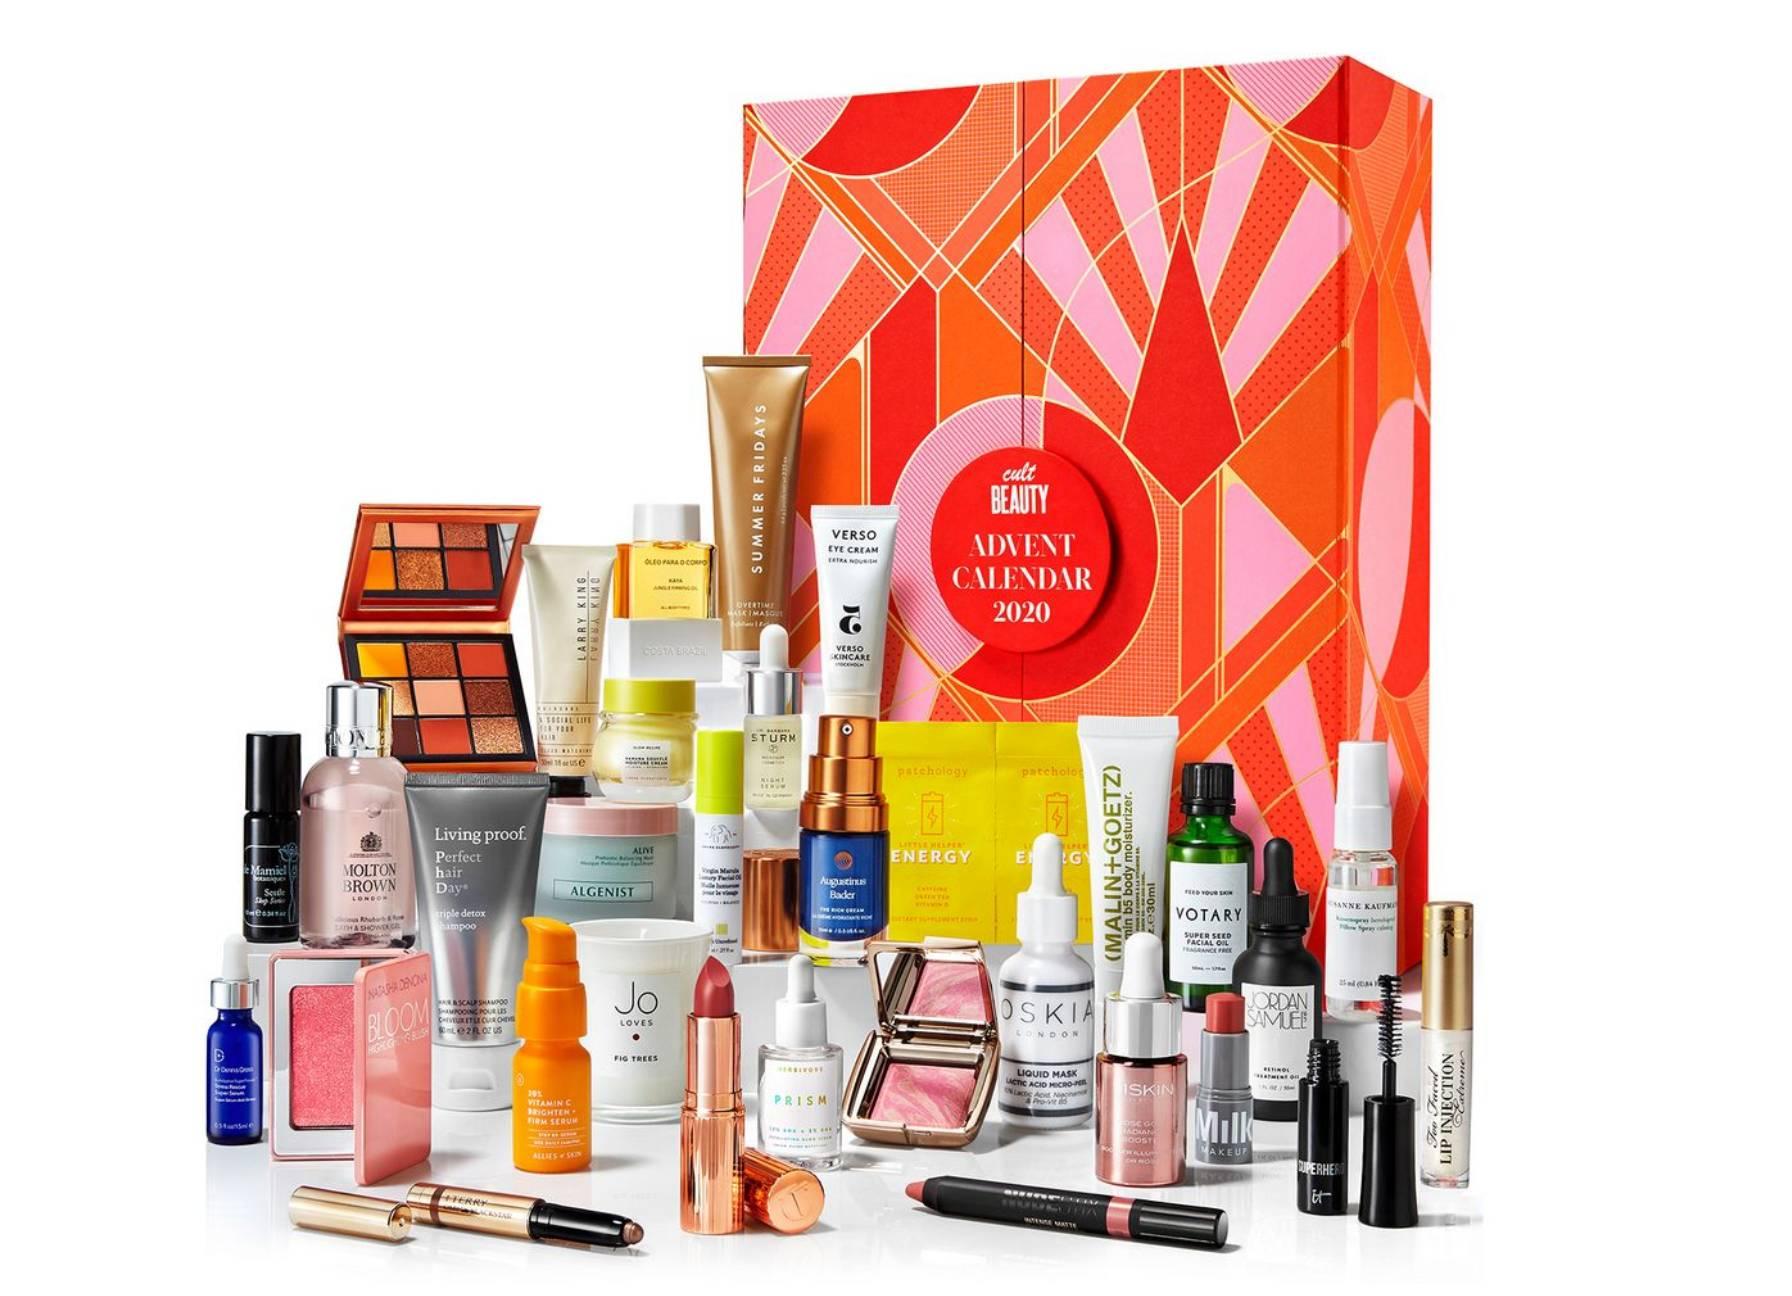 Cult Beauty 2020 calendario adviento productos